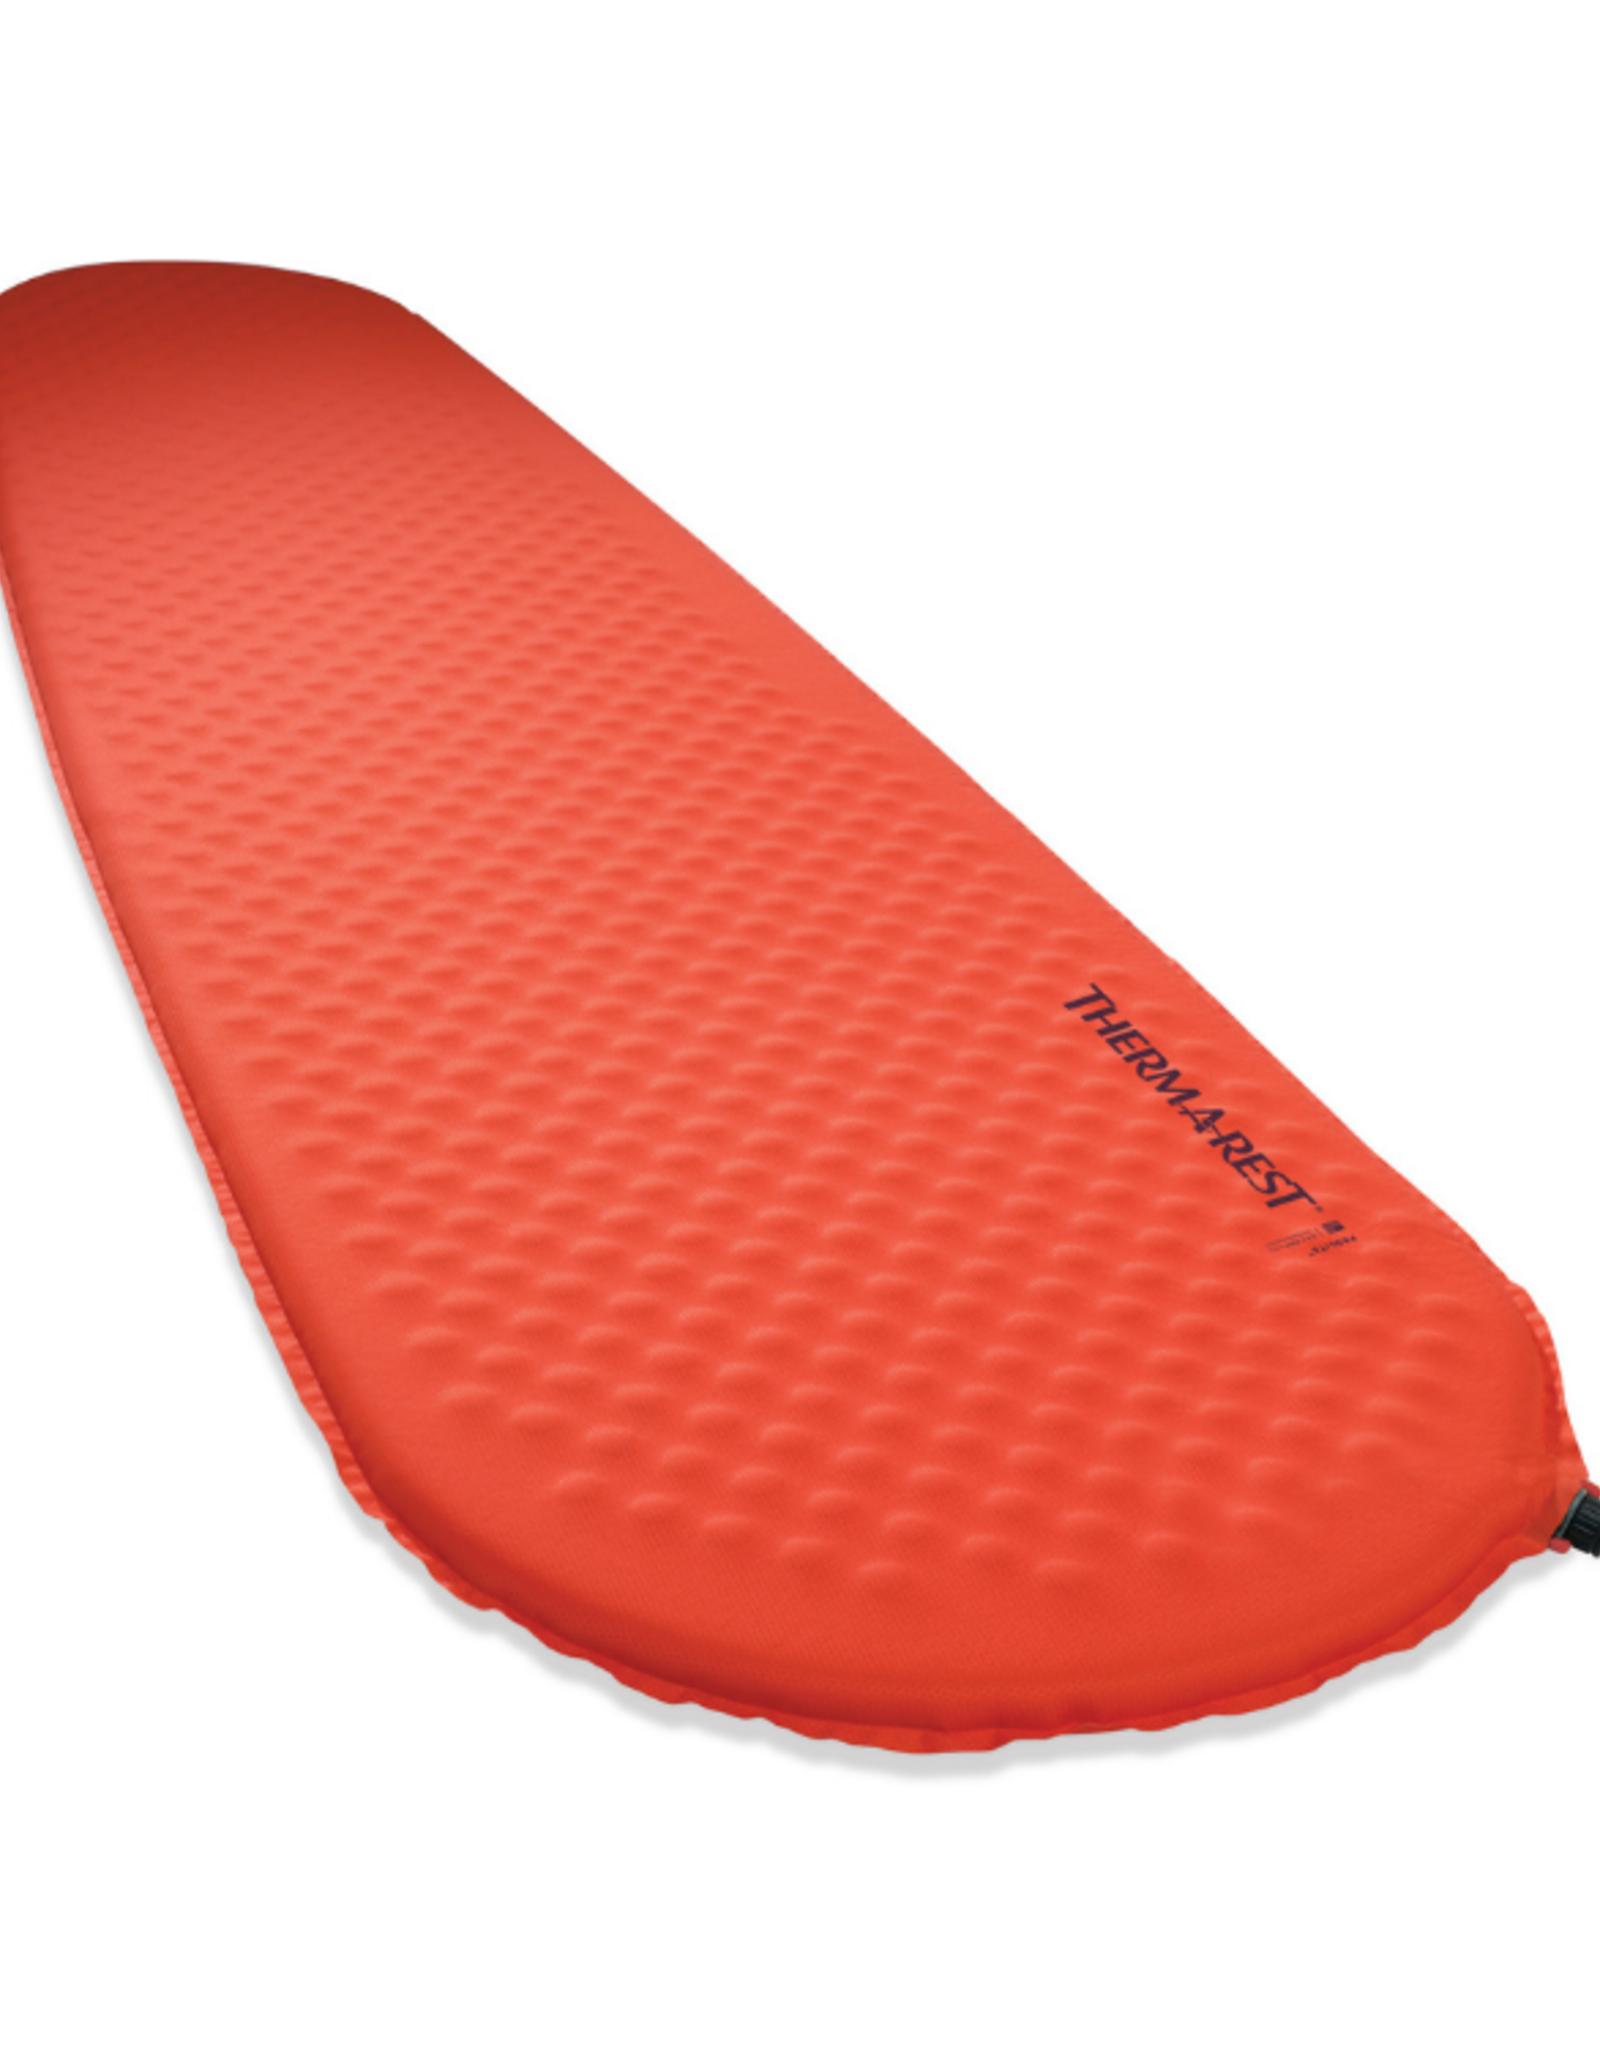 cascade designs Therm-a-Rest ProLite Sleeping Pad Regular